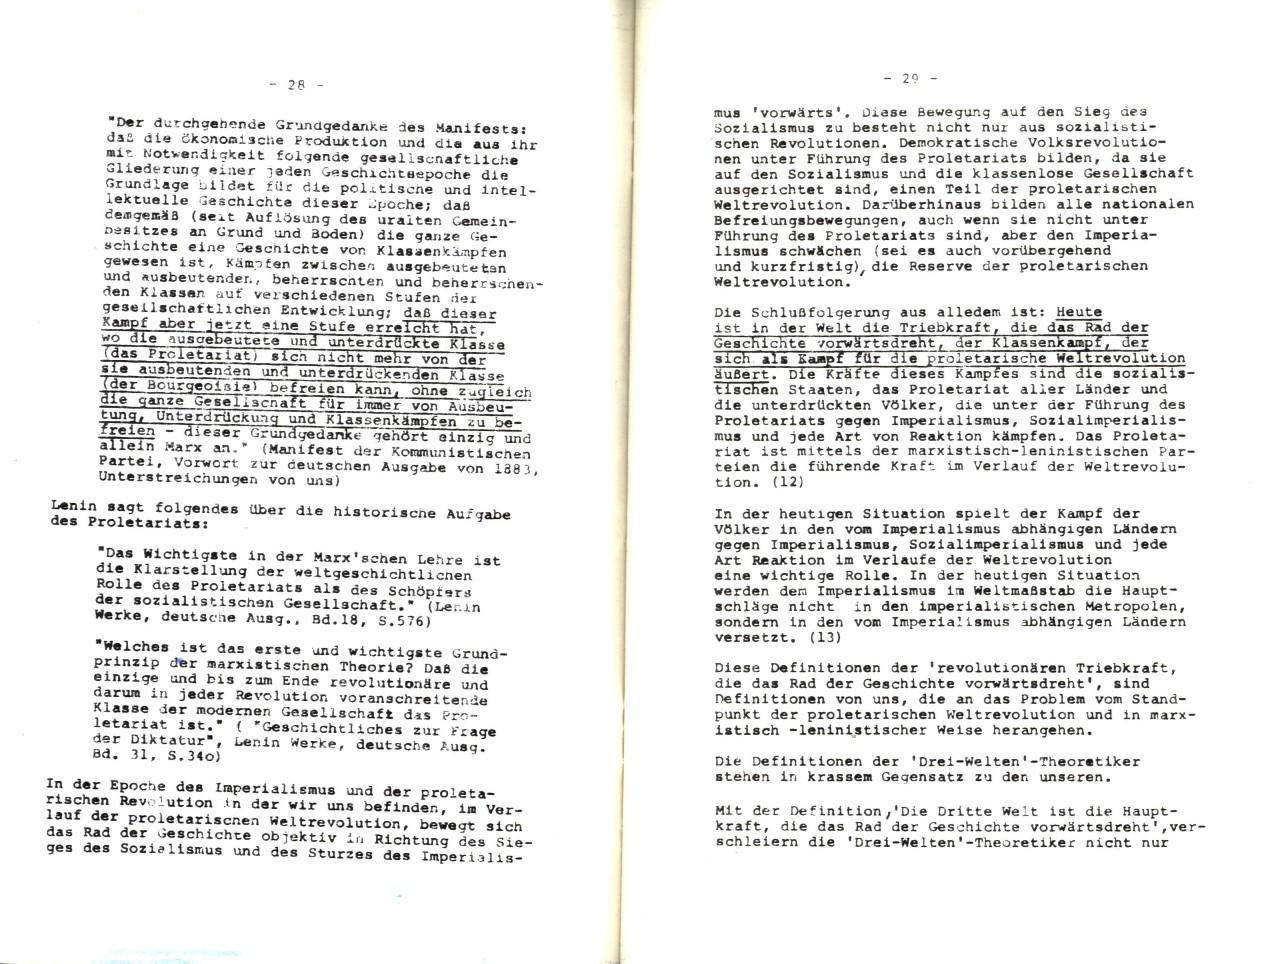 MLSK_Theorie_und_Praxis_des_ML_1978_21_23